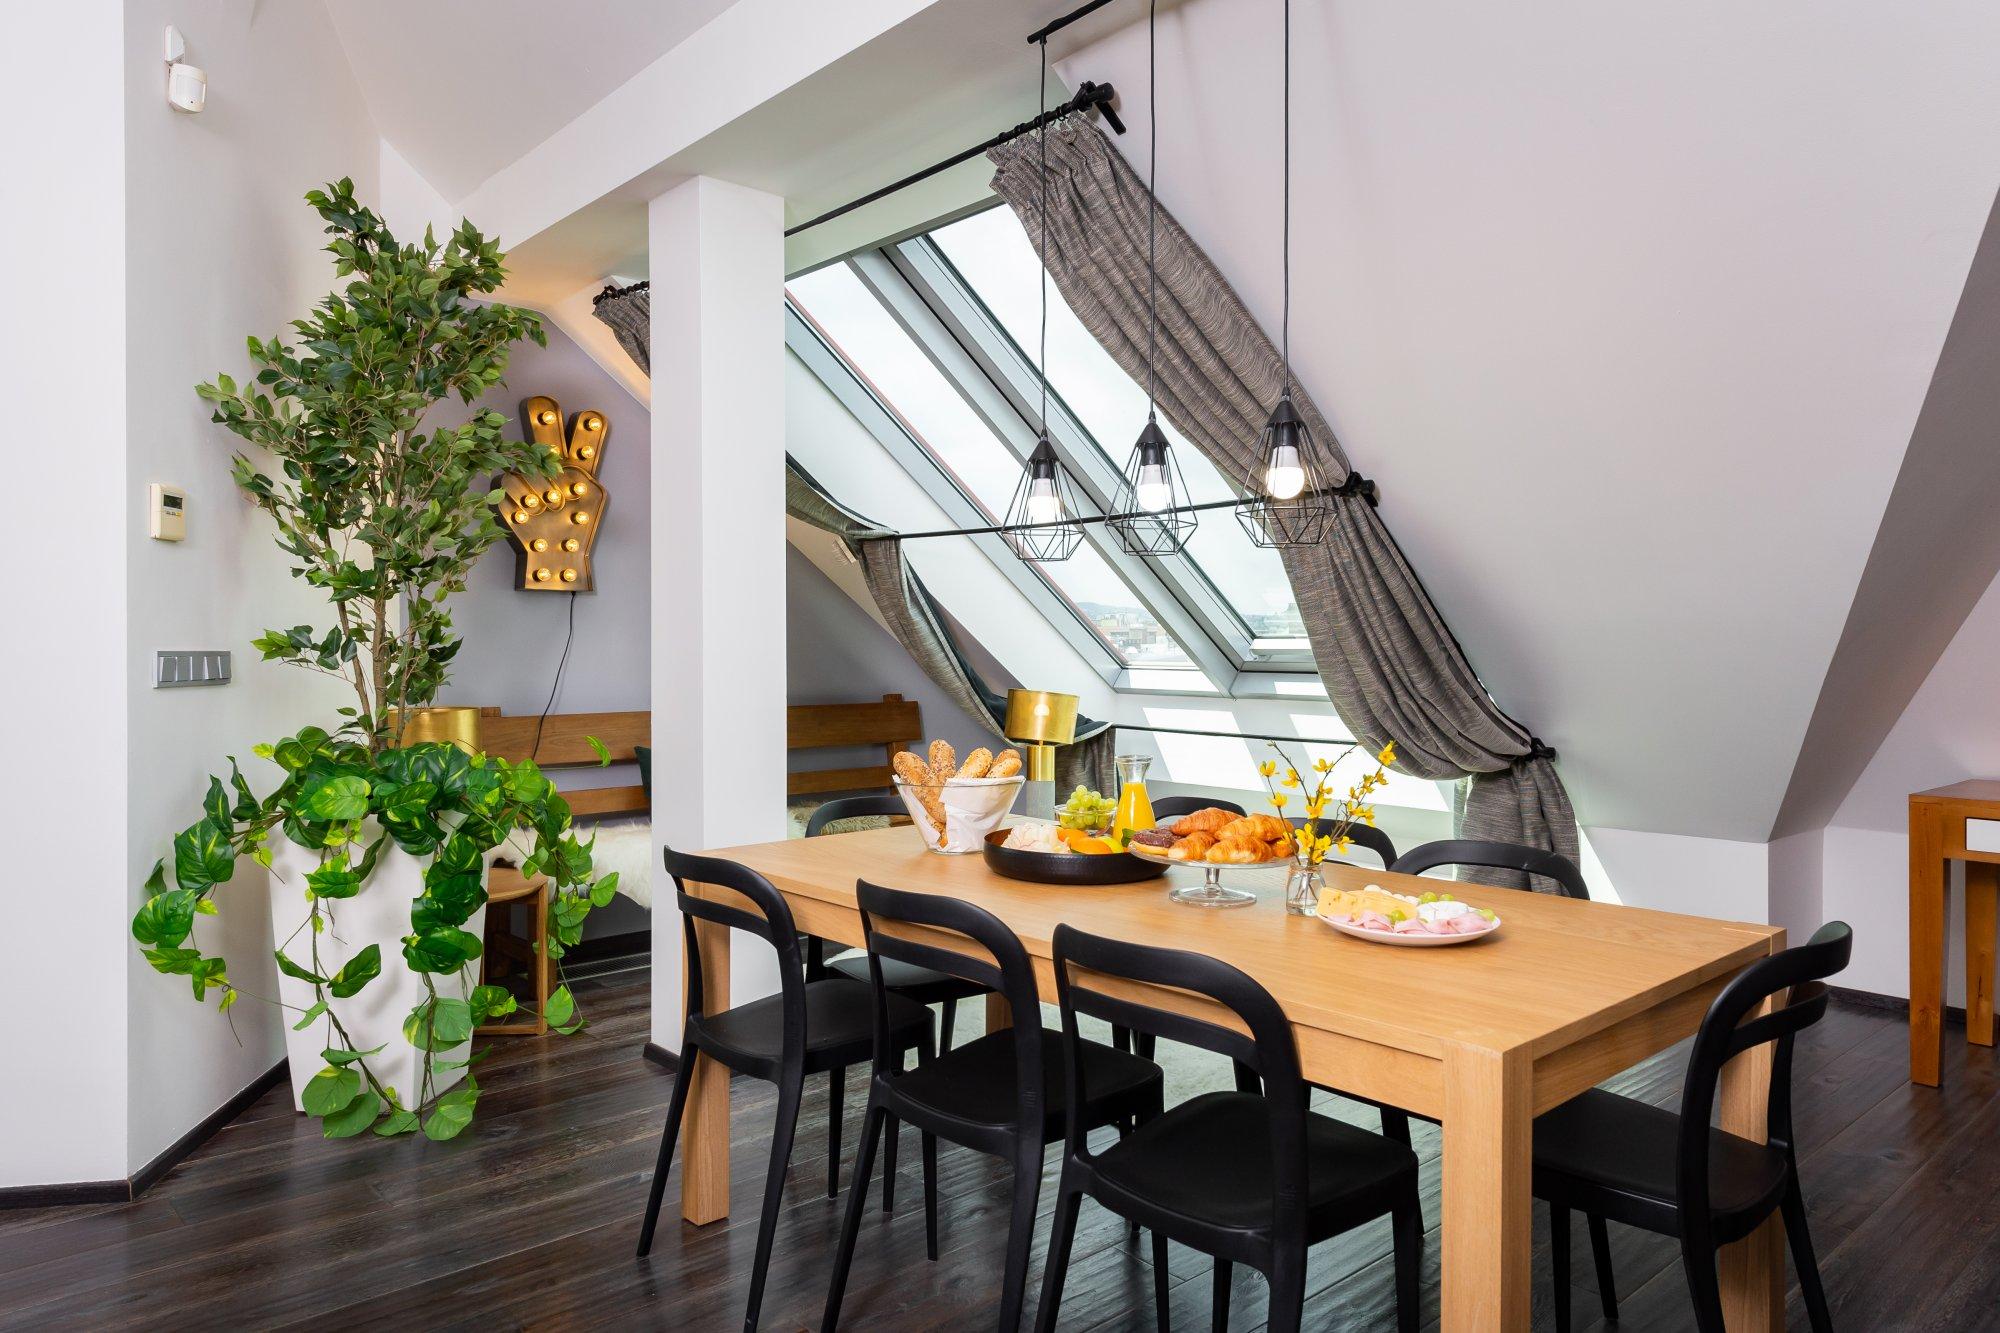 Půdní byt 4+kk, plocha 171 m², ulice Navrátilova, Praha 1 - Nové Město | 2